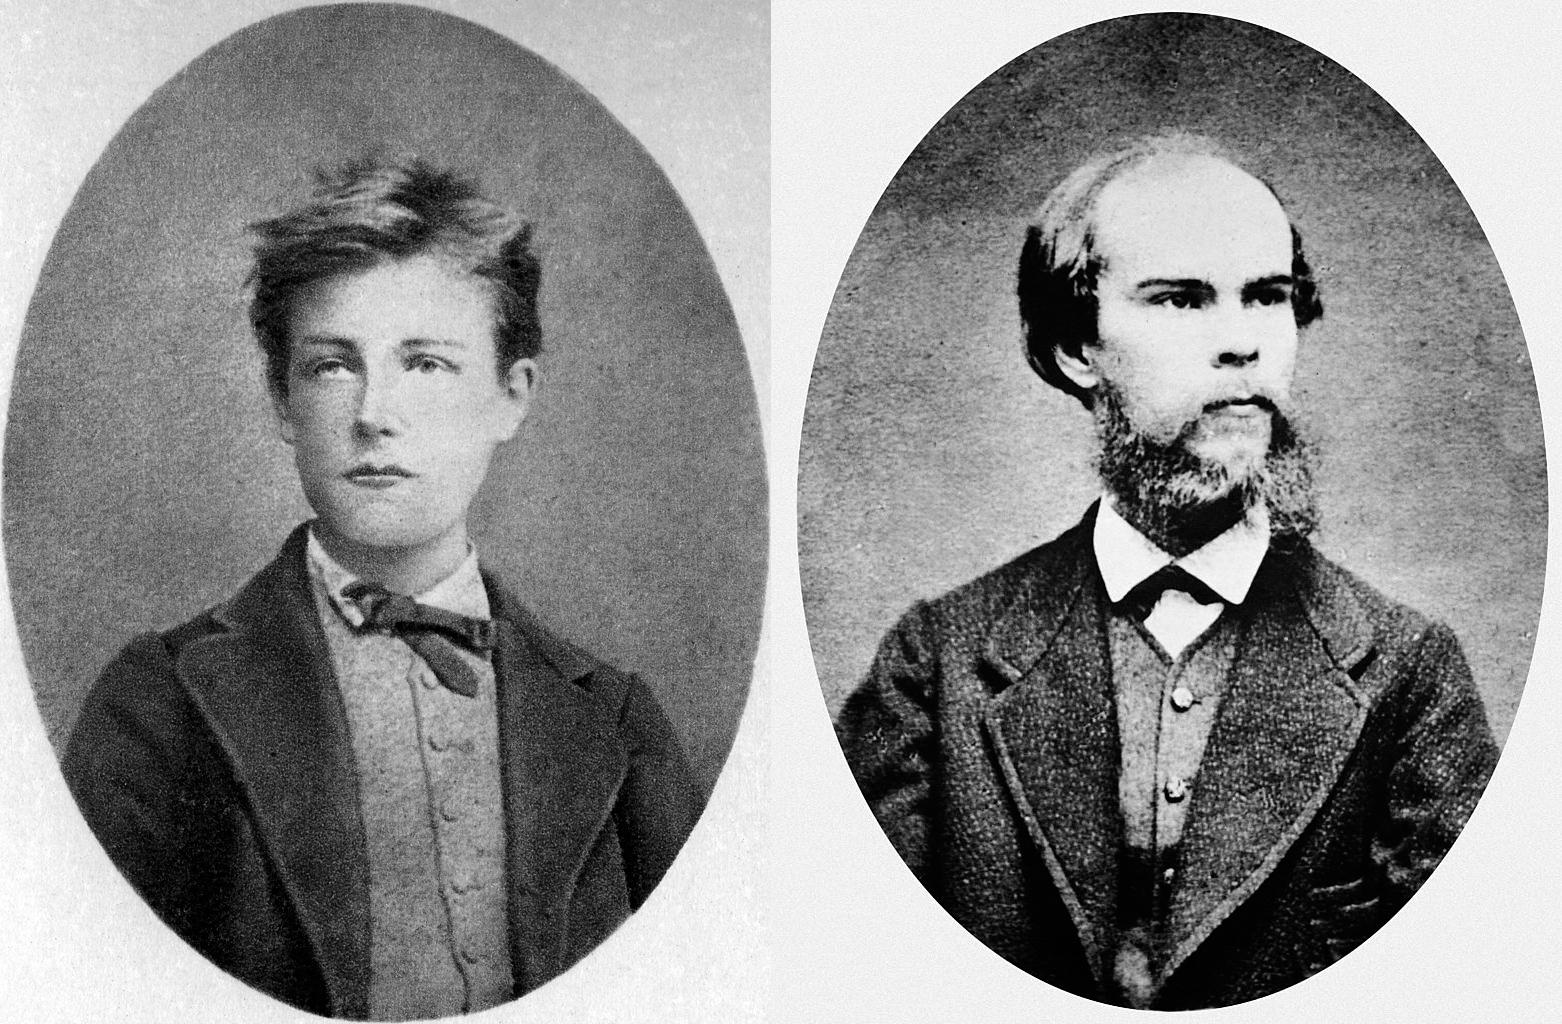 Les poètes Arthur Rimbaud et Paul Verlaine.